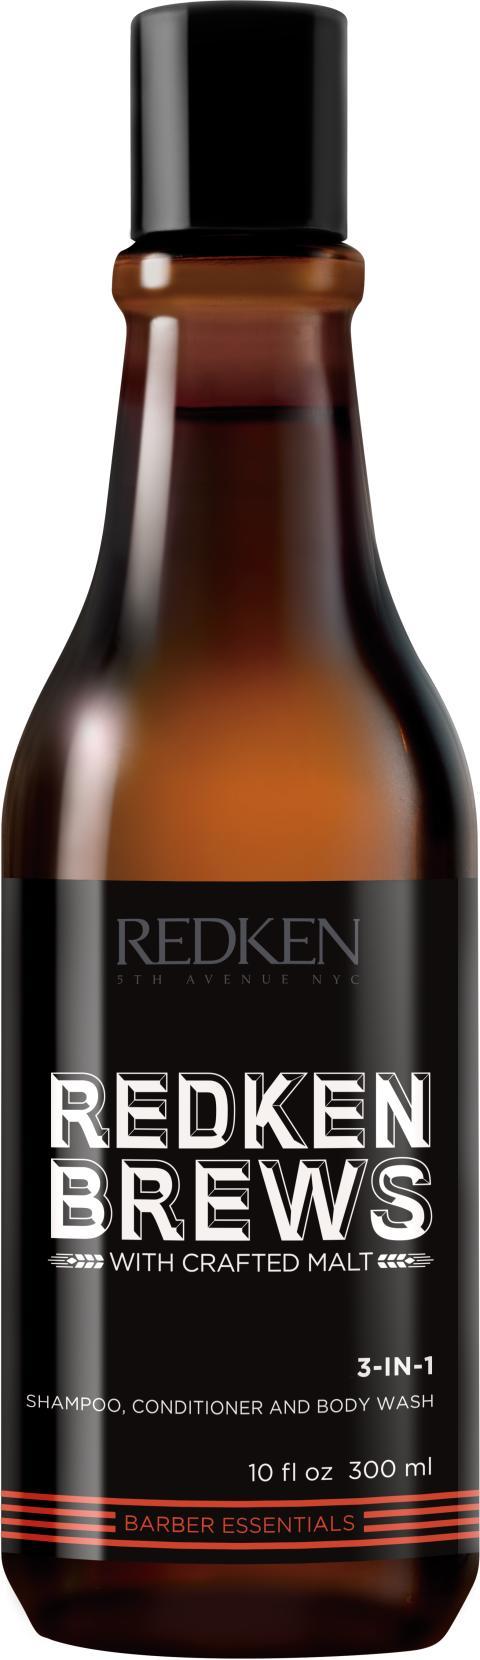 RedkenBrews_Care_3-In-1_220 SEK